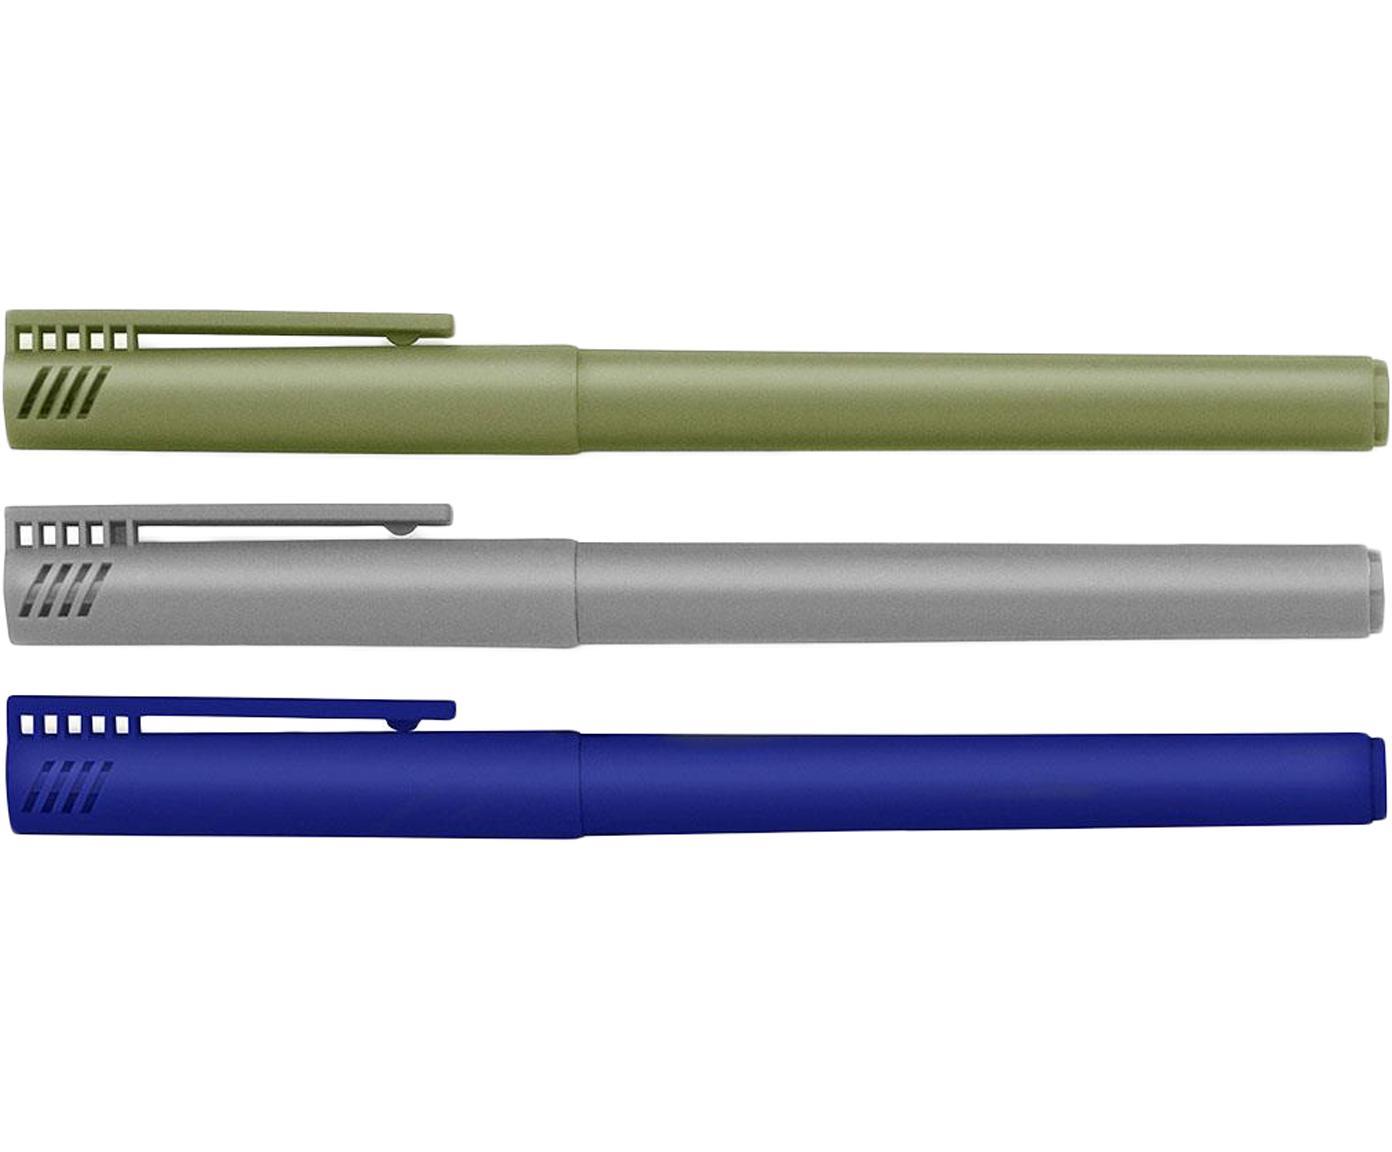 Finelinersset Mix, 3-delig, Kunststof, Blauw, grijs, groen, L 14 cm